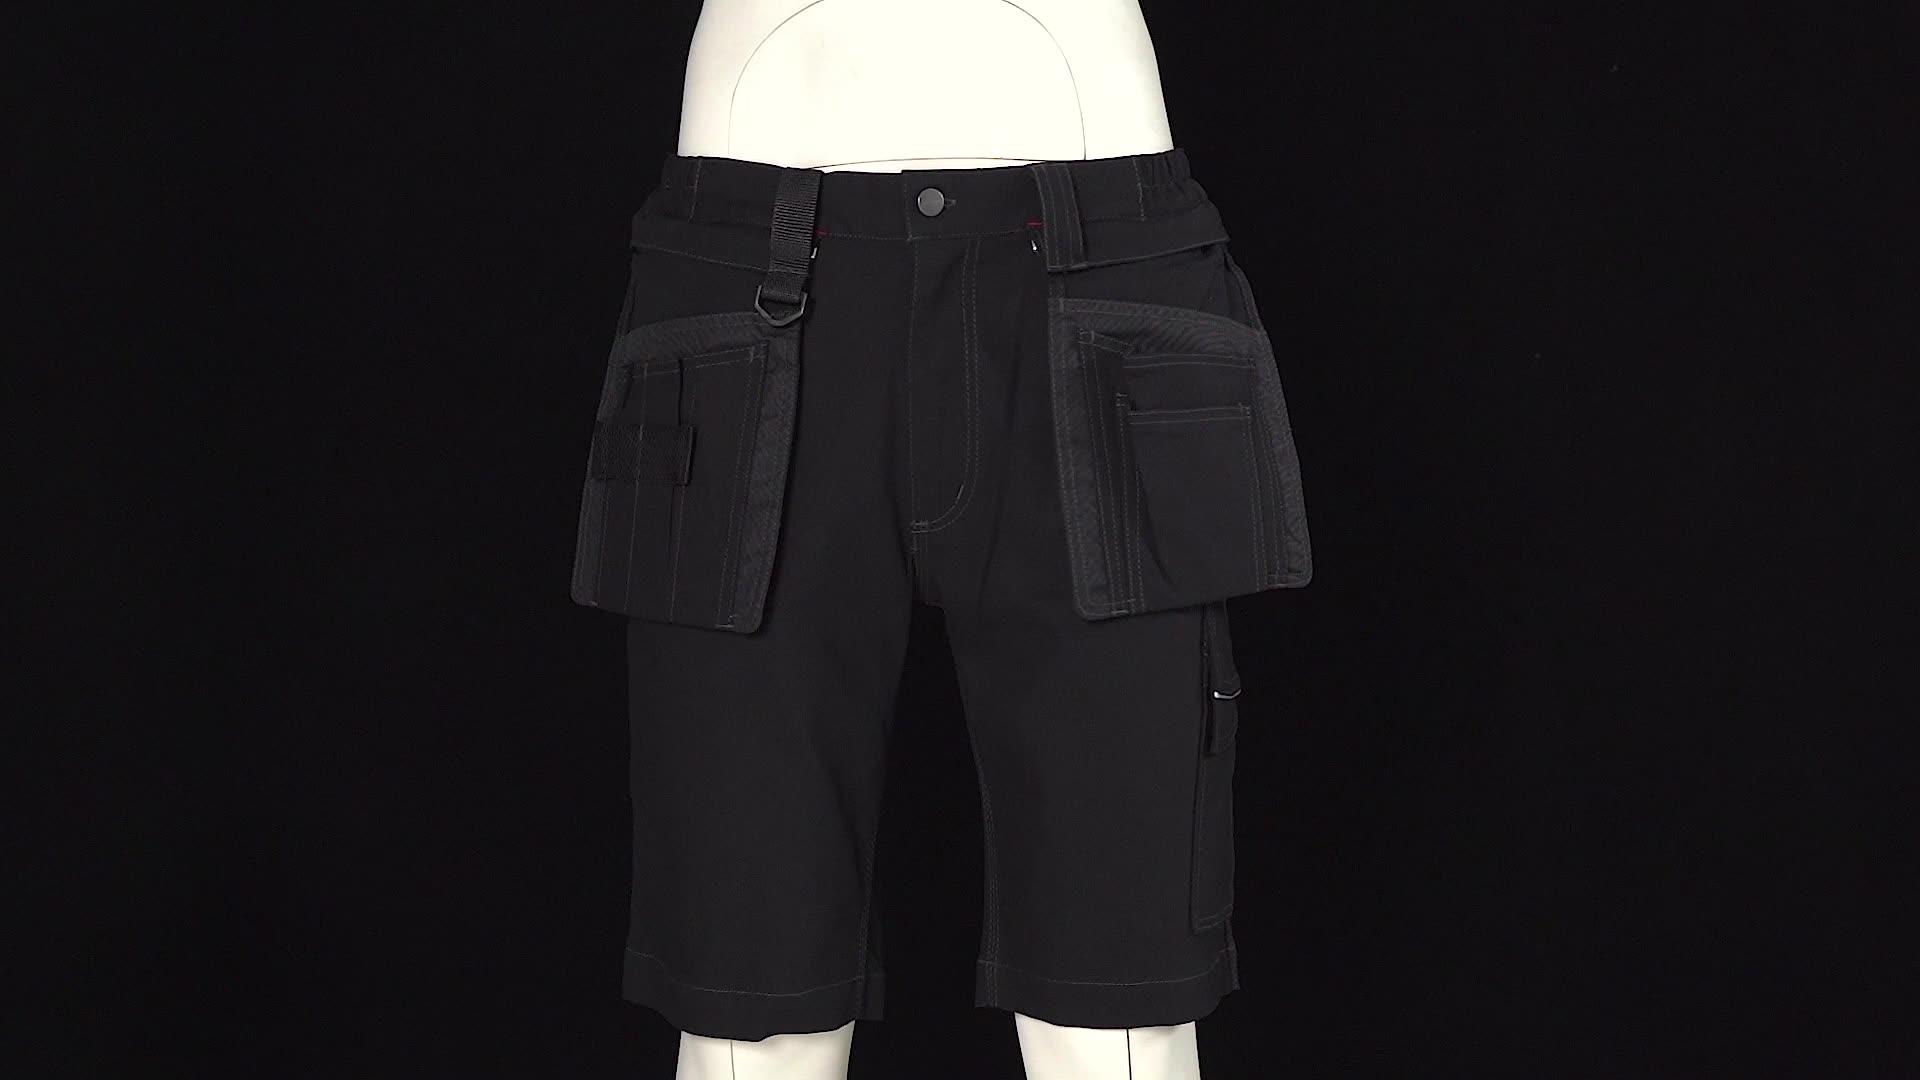 לנשימה קל משקל Mens מכנסיים קצרים מטען קצר עבודה מכנסיים גברים Workwear מקרית מכנסי עבודת עם 8 כיסים